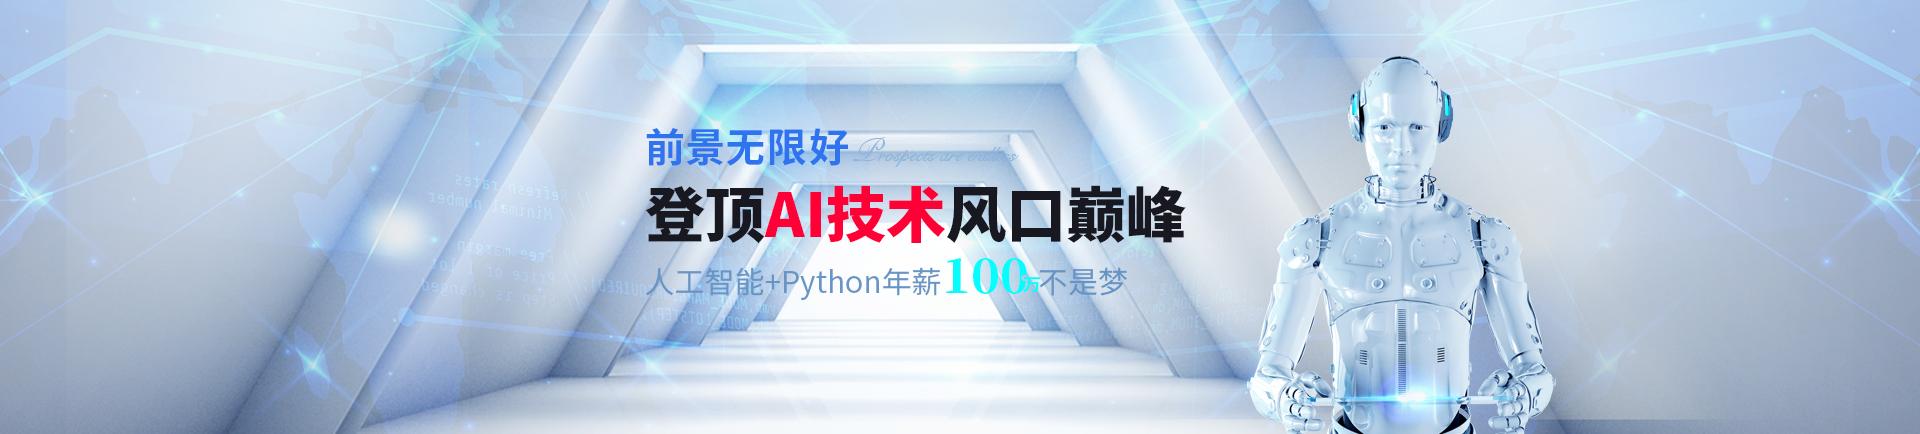 登顶AI技术风�巅峰 人工智能+Python年薪100万�是梦-zhengzhou